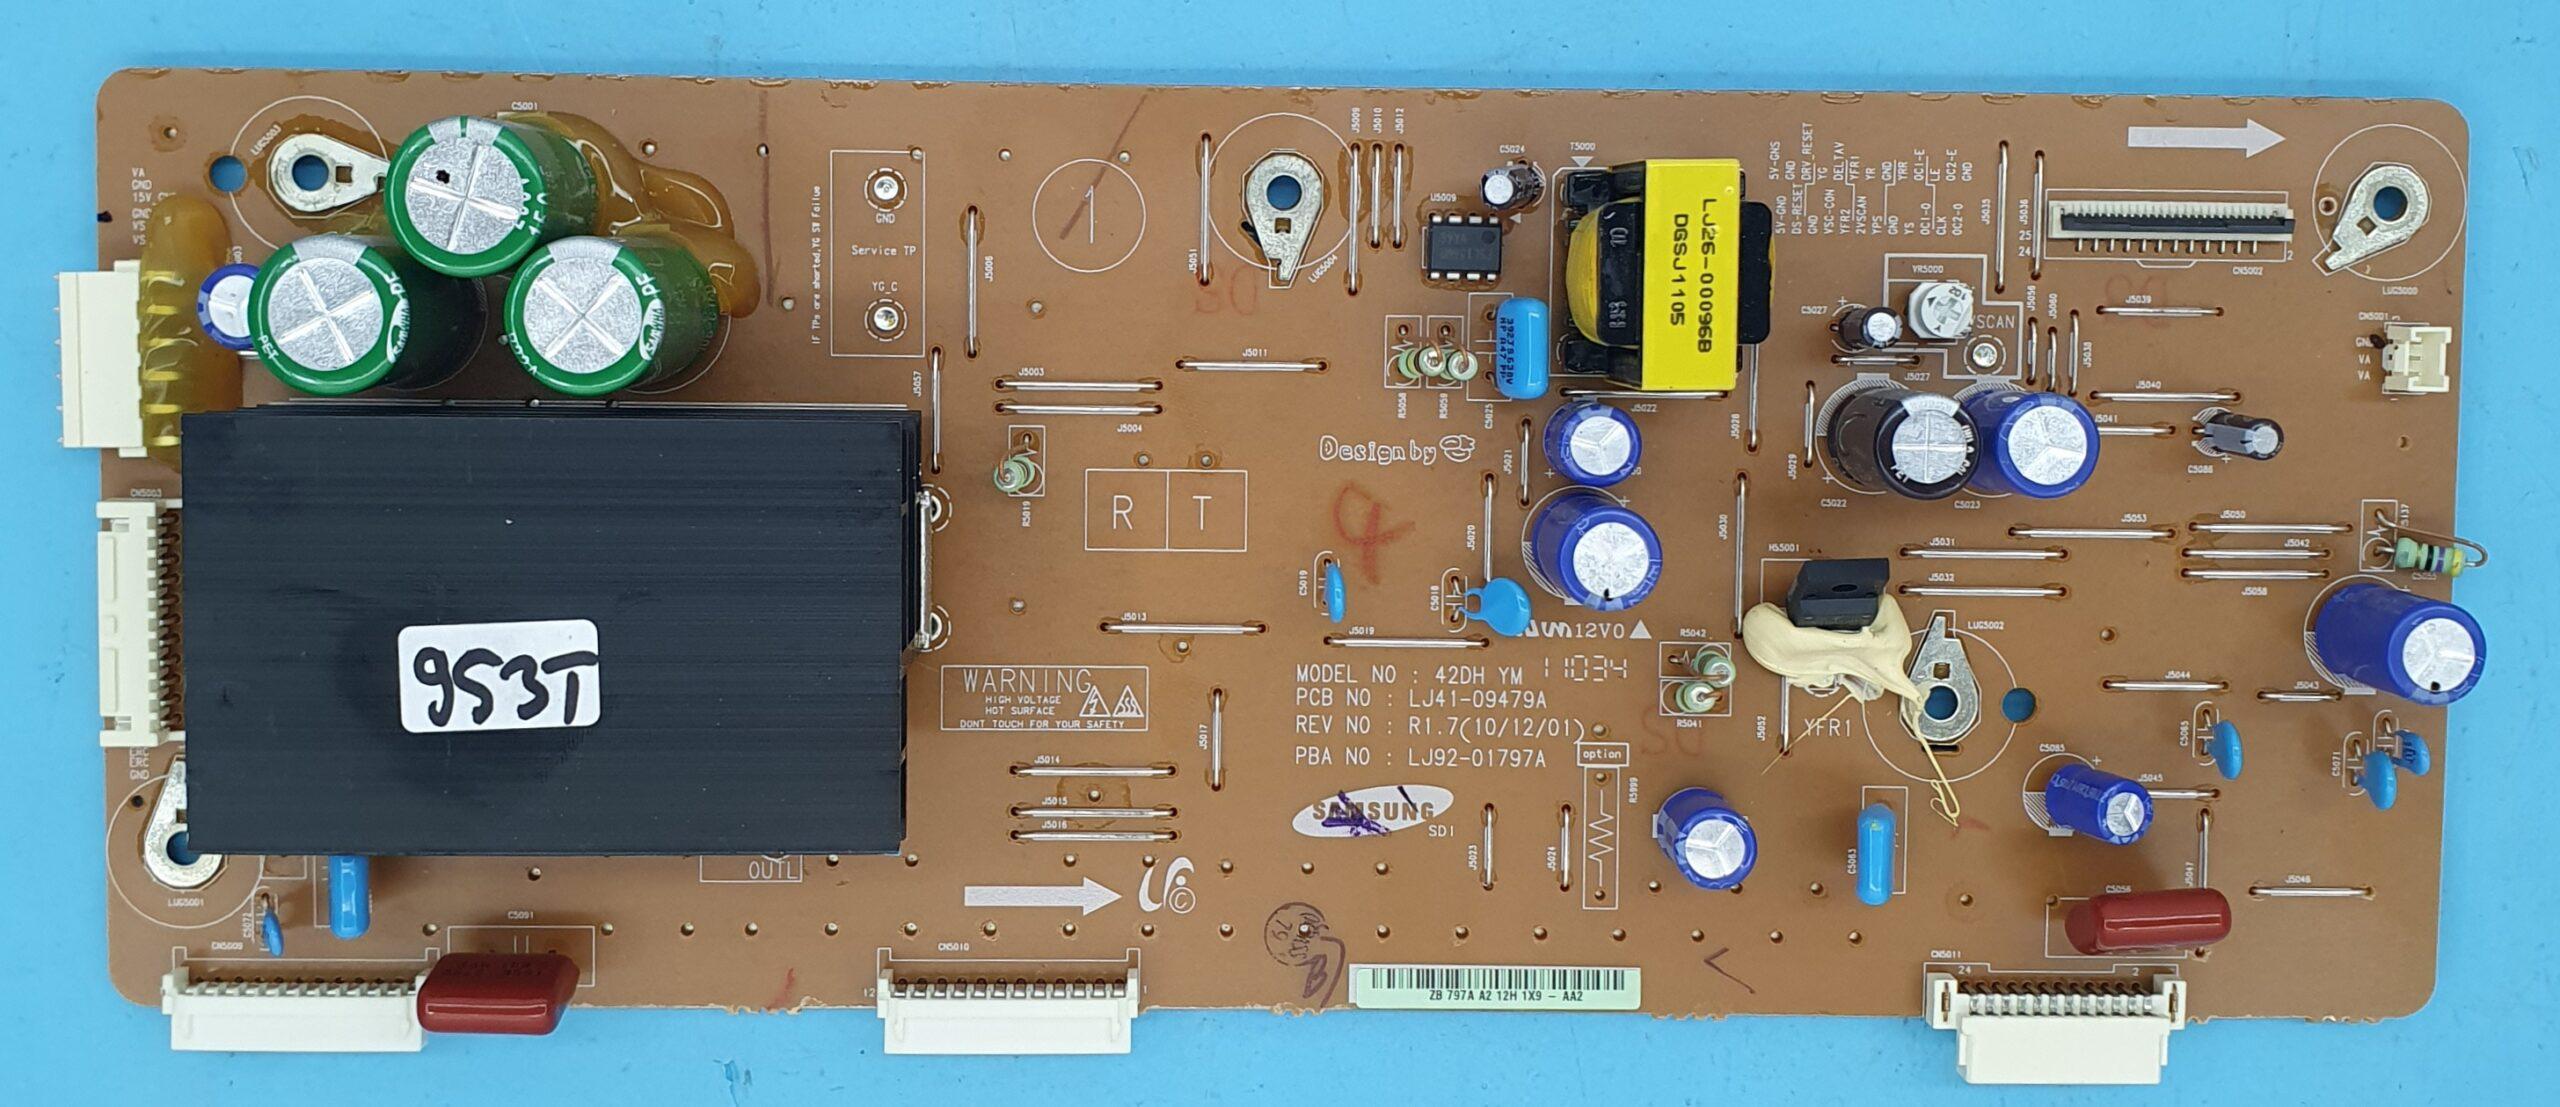 LJ41-09479A,LJ92-01797A SAMSUNG Y-SUS (KDV DAHİL = 130 TL)